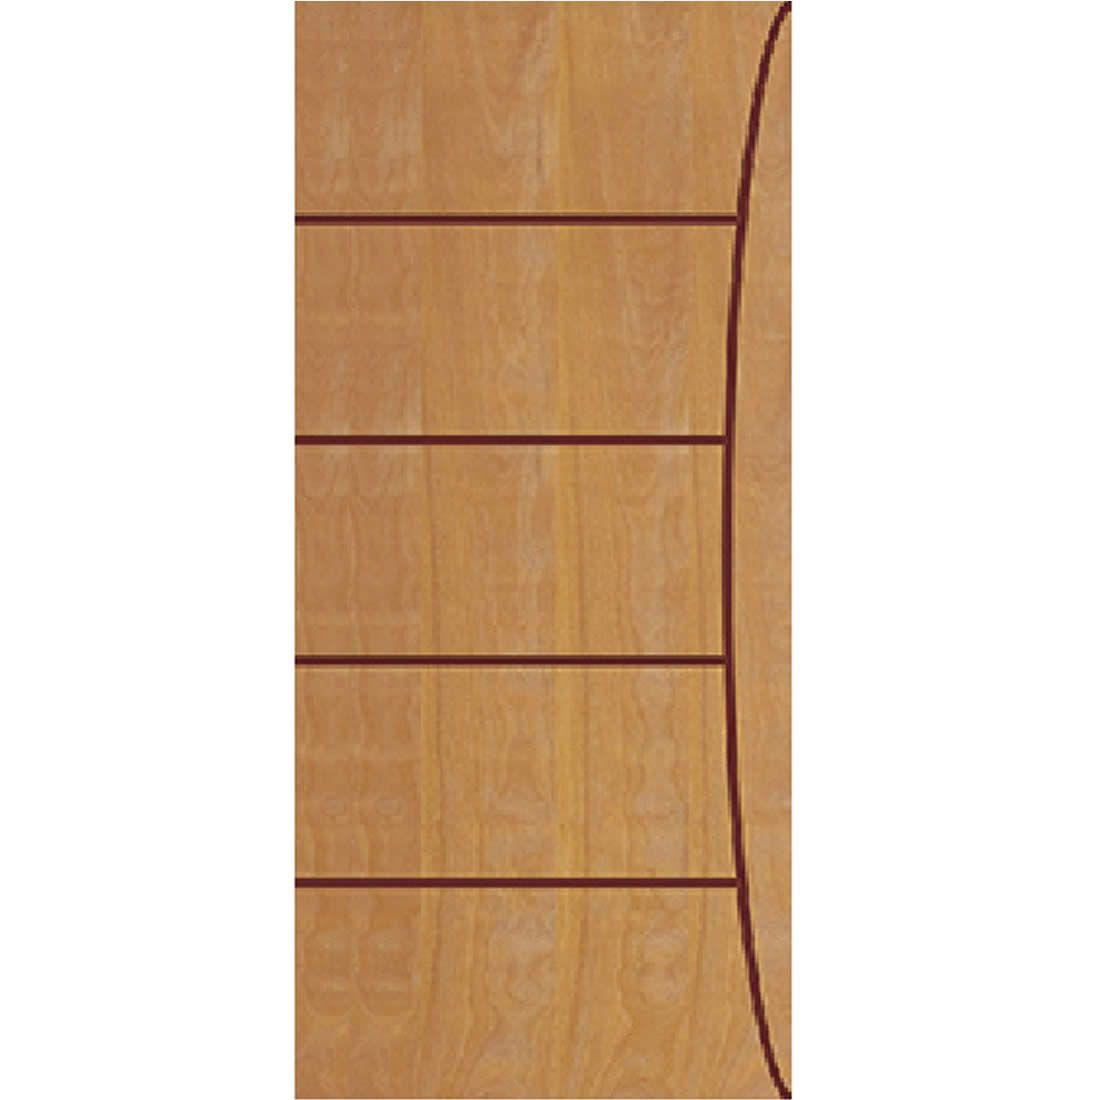 Porta 2,10 x 0,90m em Madeira Curupixa Semi Sólida Modelo 05 Frisada JB Paes